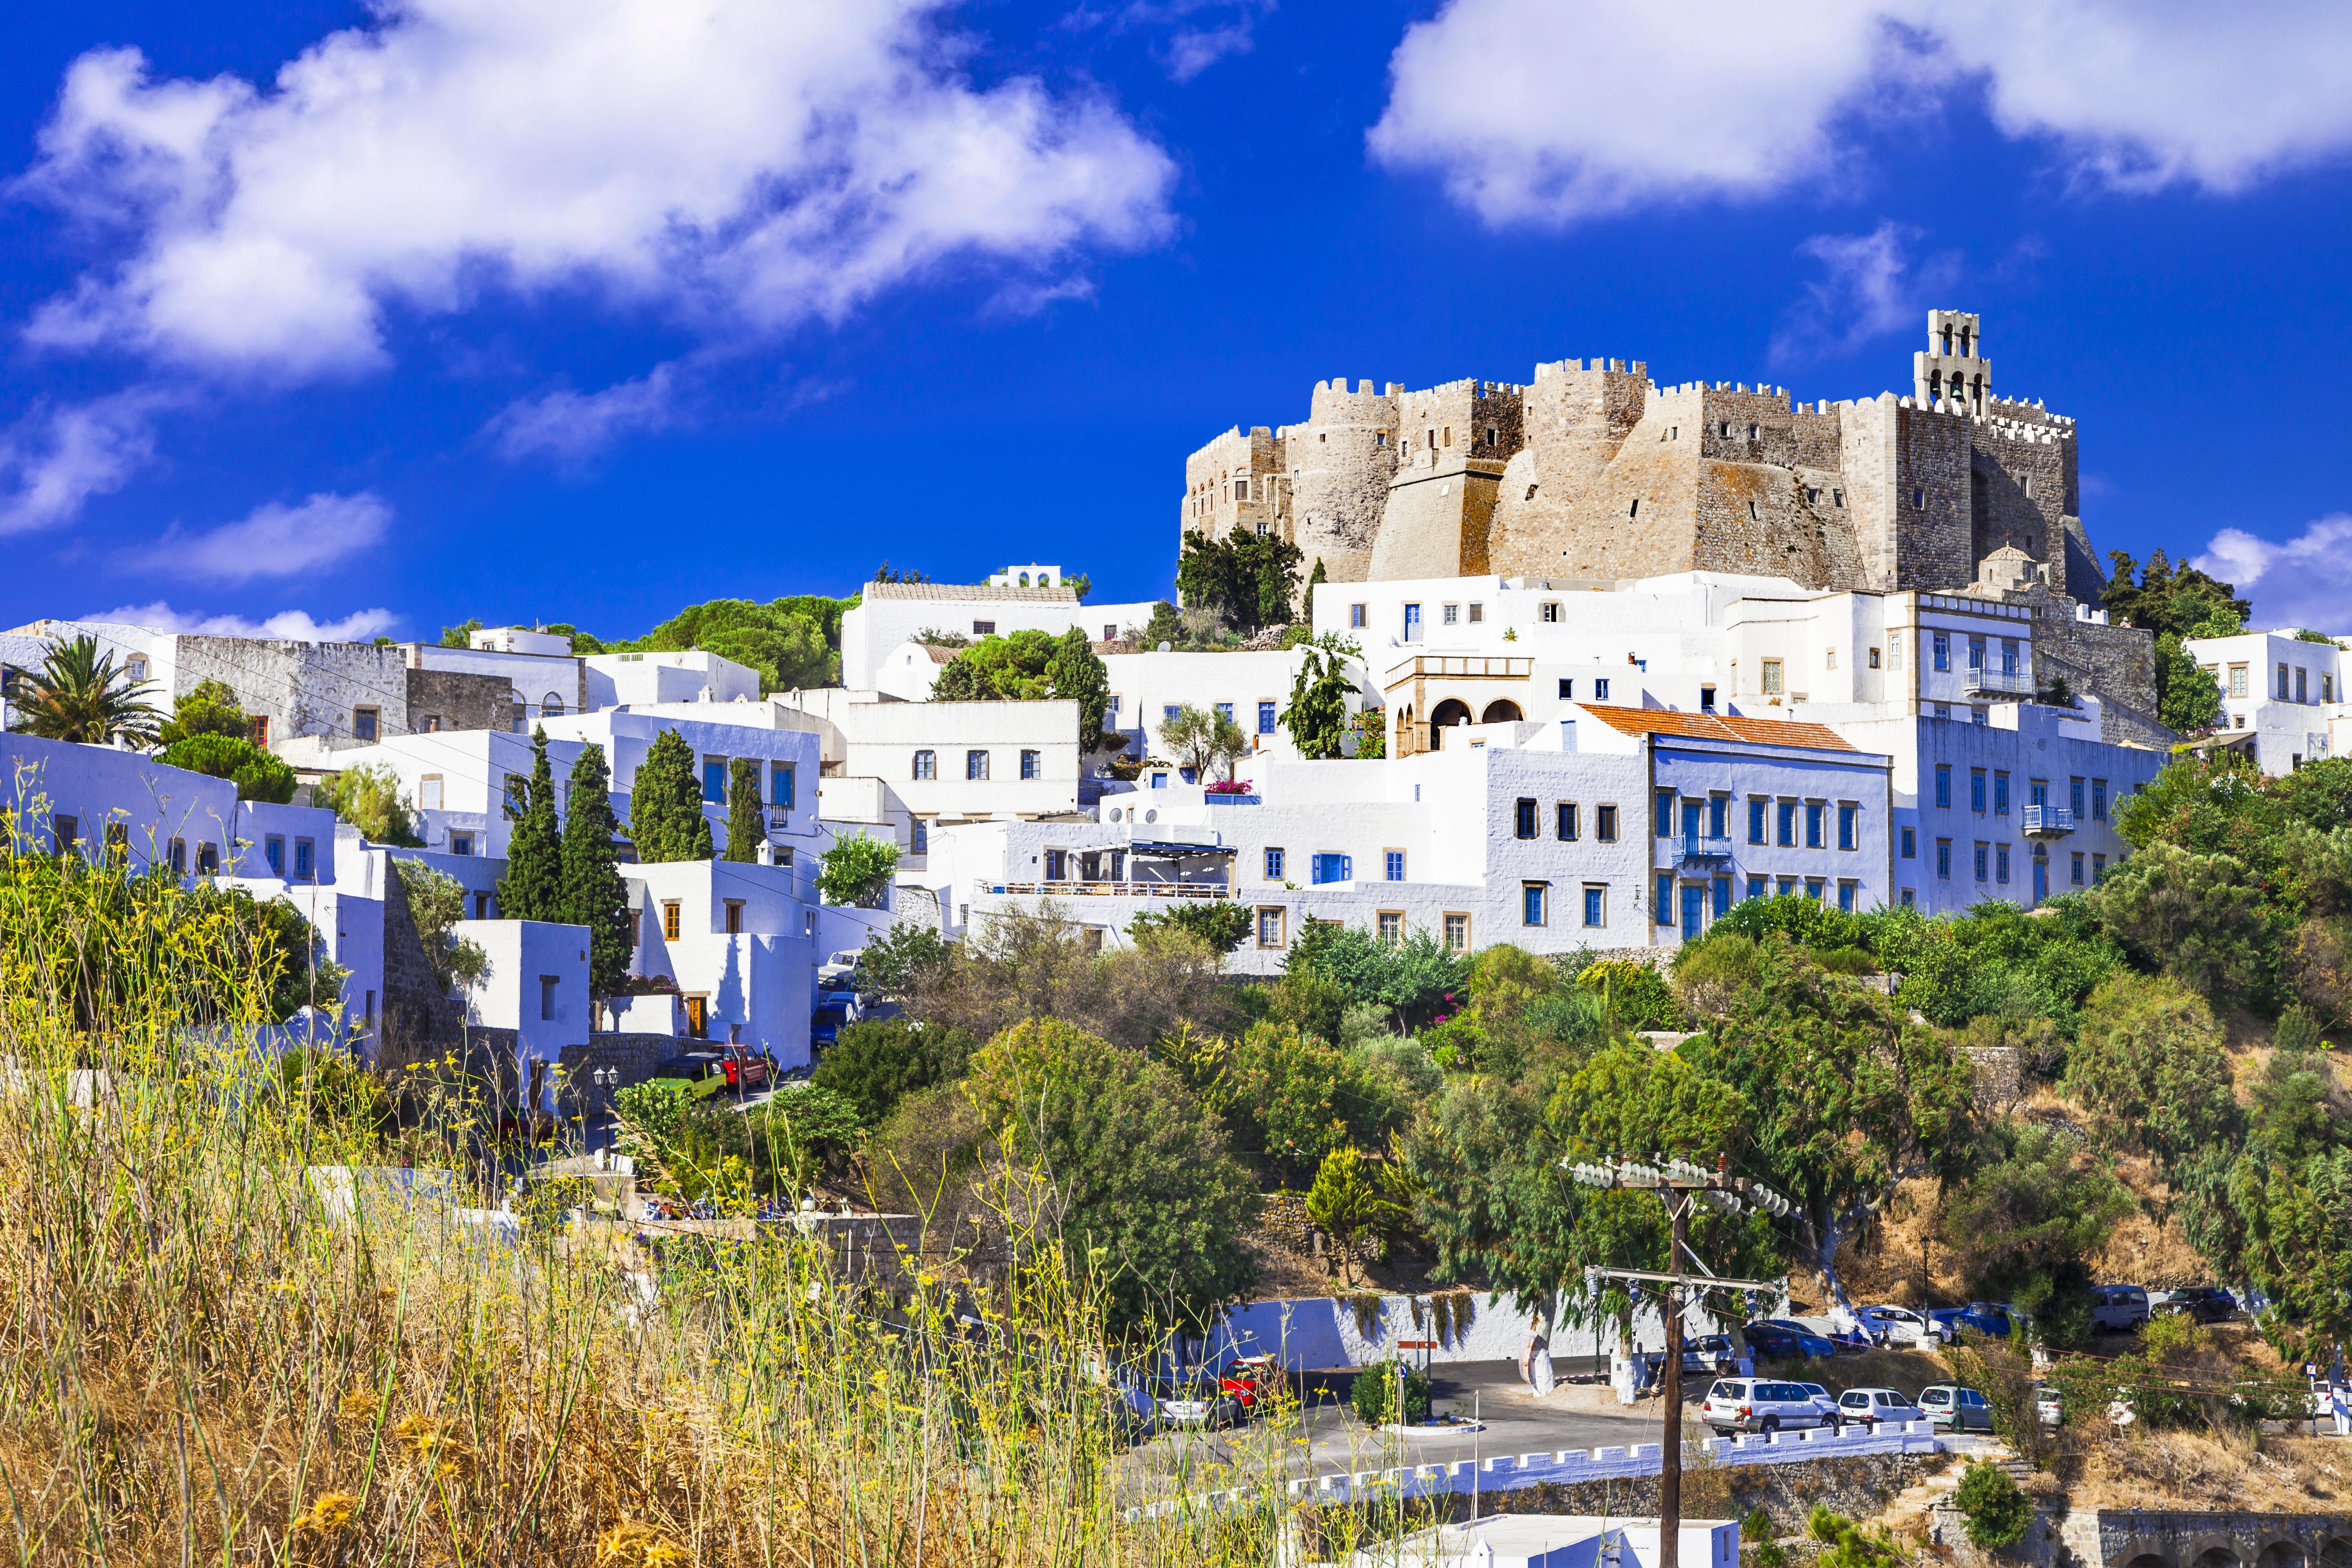 Respira la magia de Patmos - Grecia Circuito Lo Mejor de Turquía, Crucero por el Egeo y Atenas